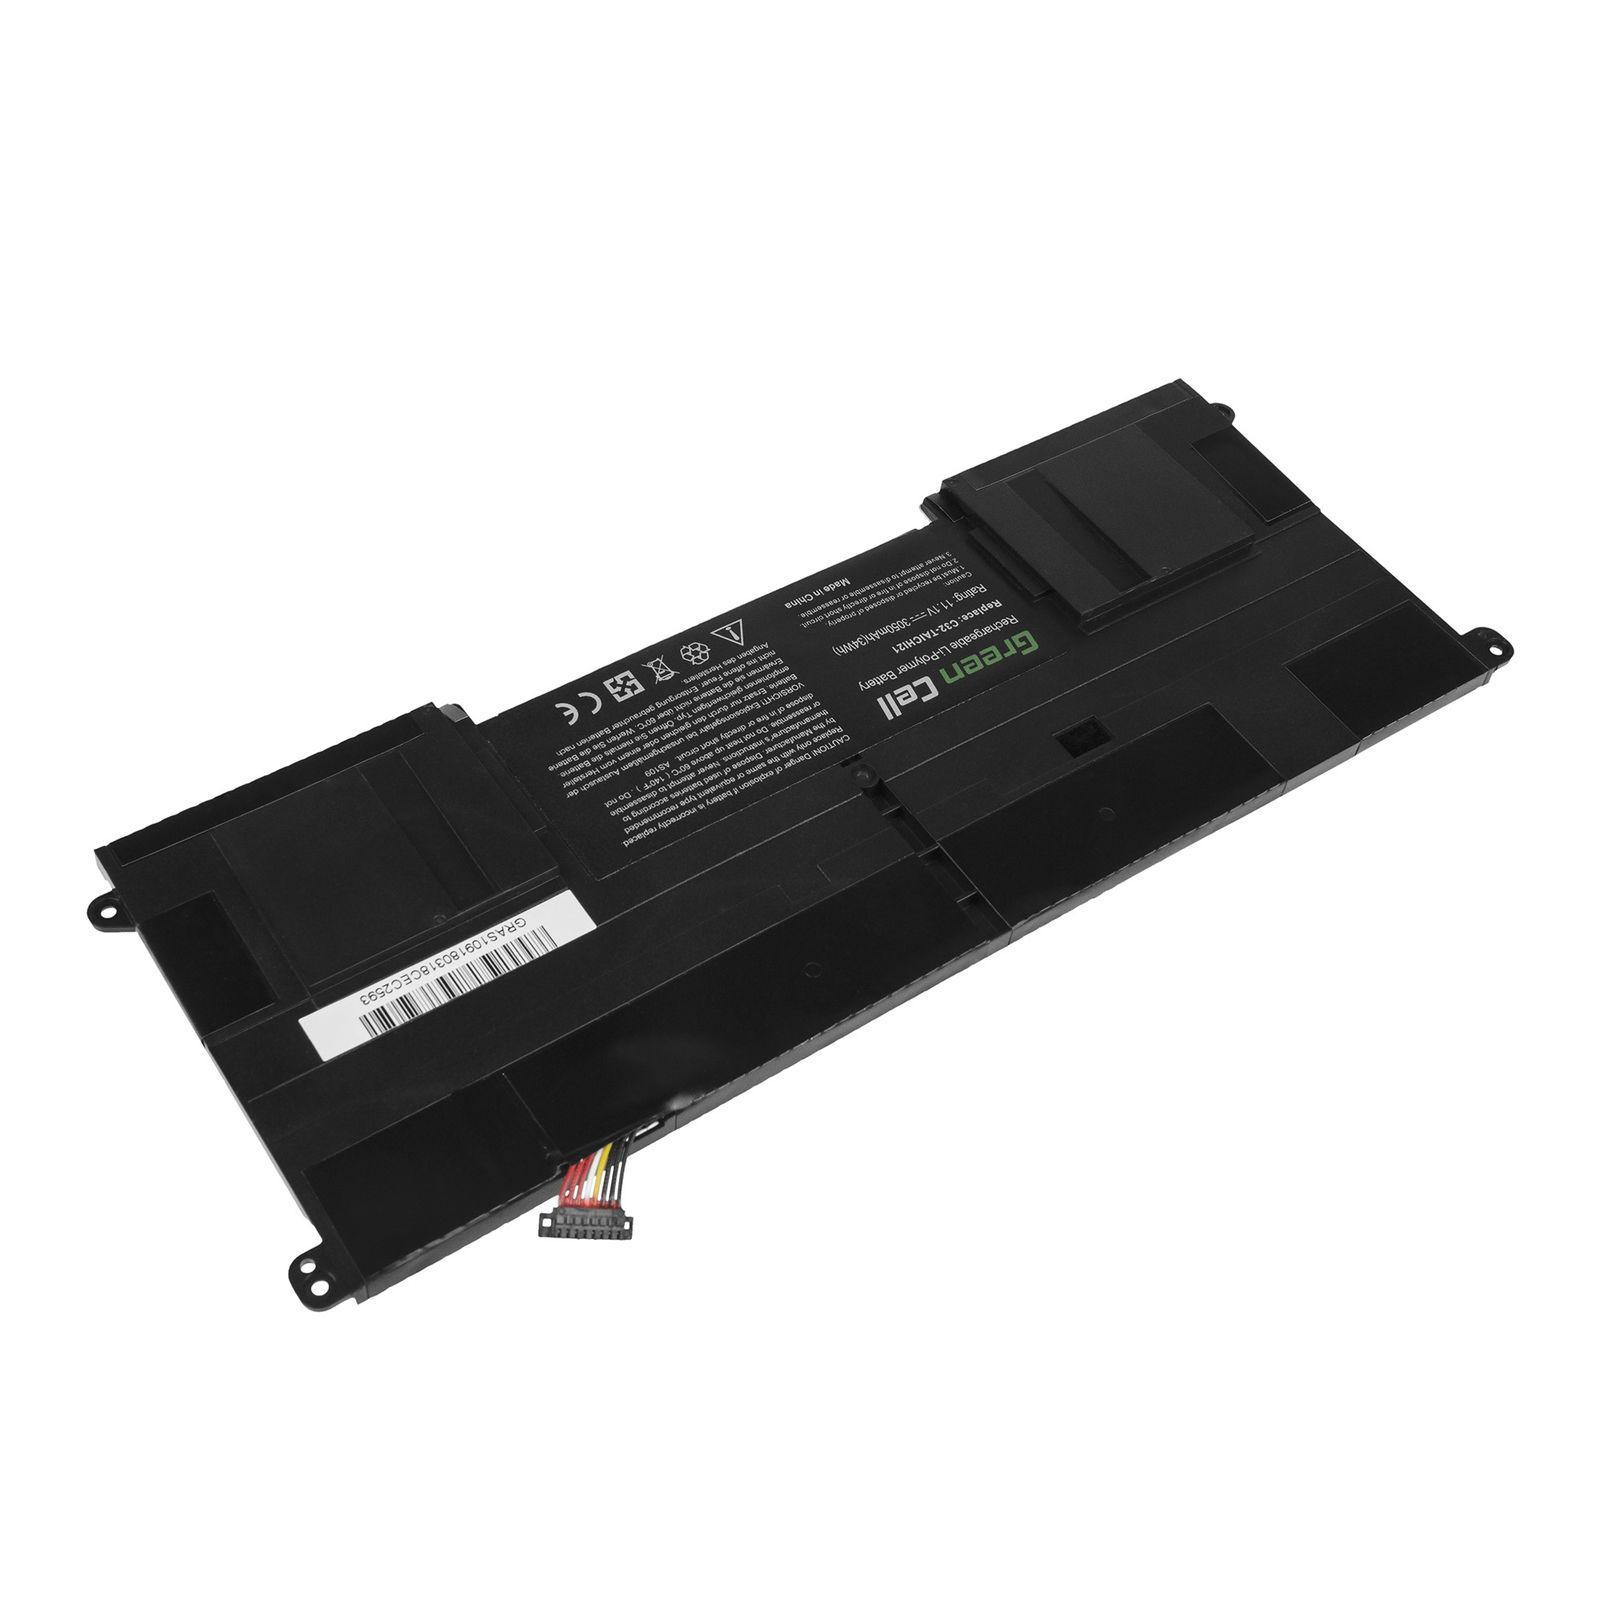 Akku für C32-TAICHI21 ASUS Ultrabook TAICHI 21 Taichi 21-DH71, 21-UH71(Ersatz)